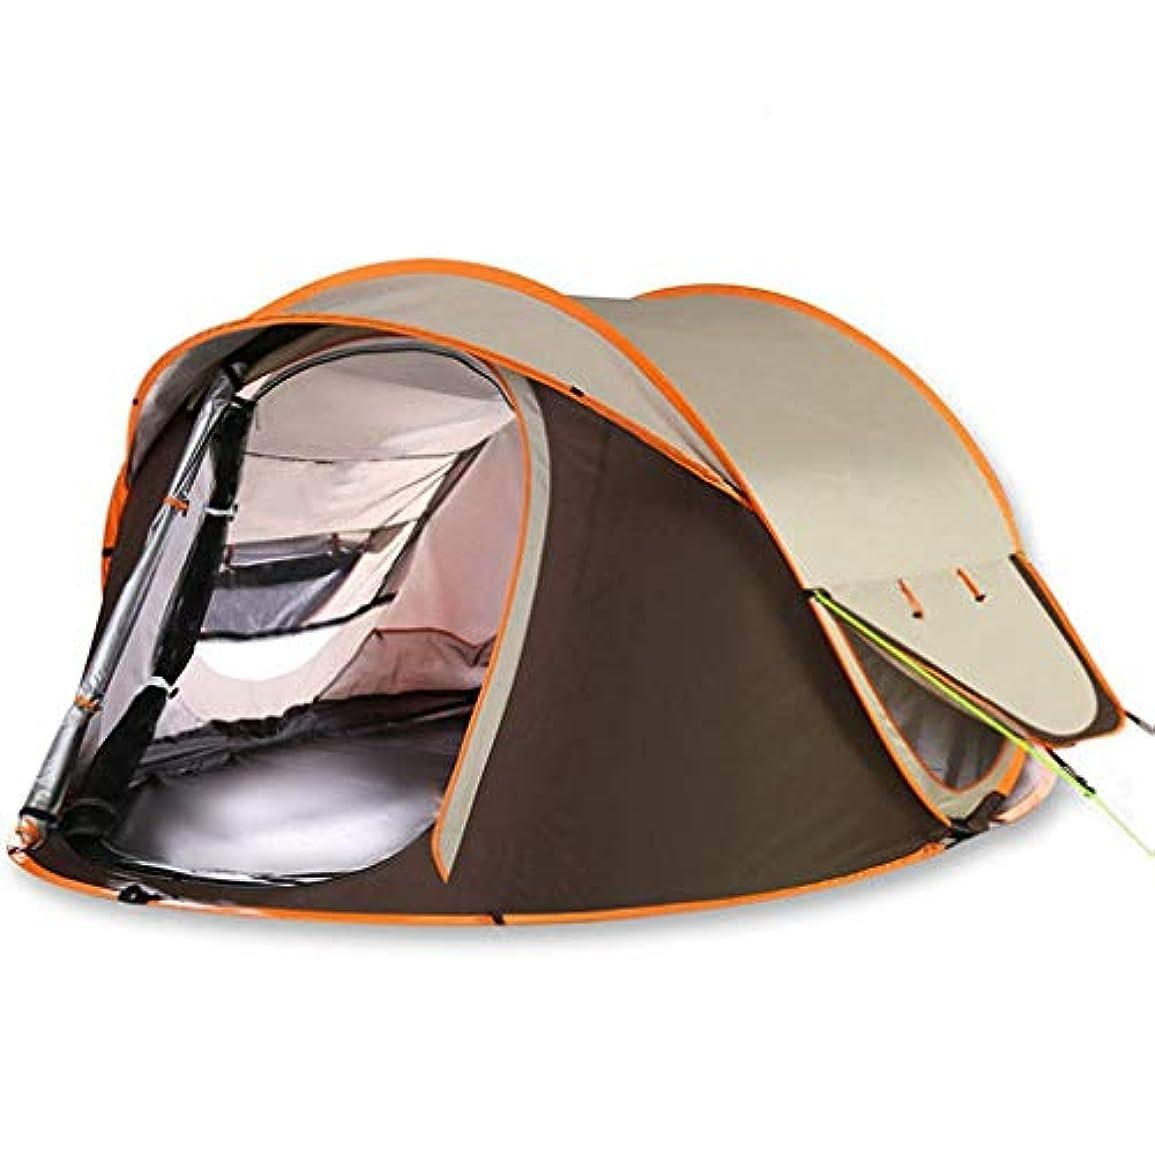 病弱作曲家マリンIDWOI テント 自動 2秒 スピードオープン ドームテント 3-4人 4シーズン 防水 アンチUV キャンプのテント、2色 (Color : Brown)